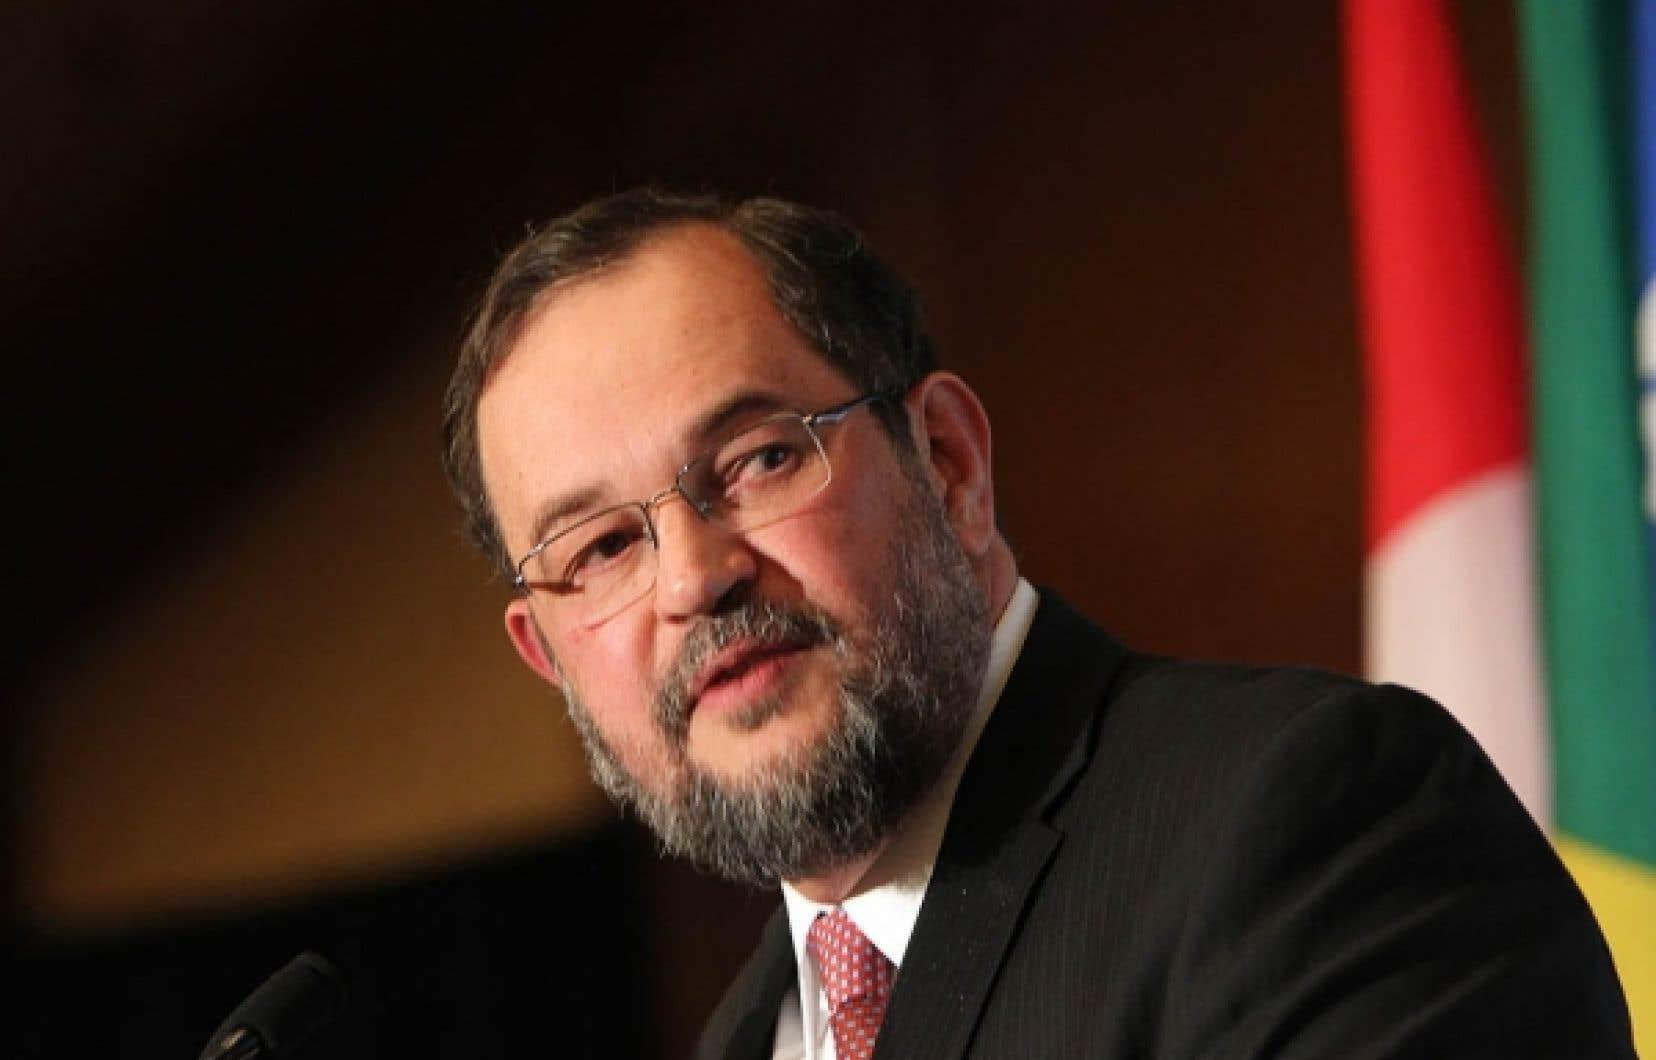 L'ambassadeur du Brésil au Canada, Paulo Cordeiro de Andrade Pinto, a déjà proposé au gouvernement fédéral l'établissement d'un accord Canada-Mercosour.